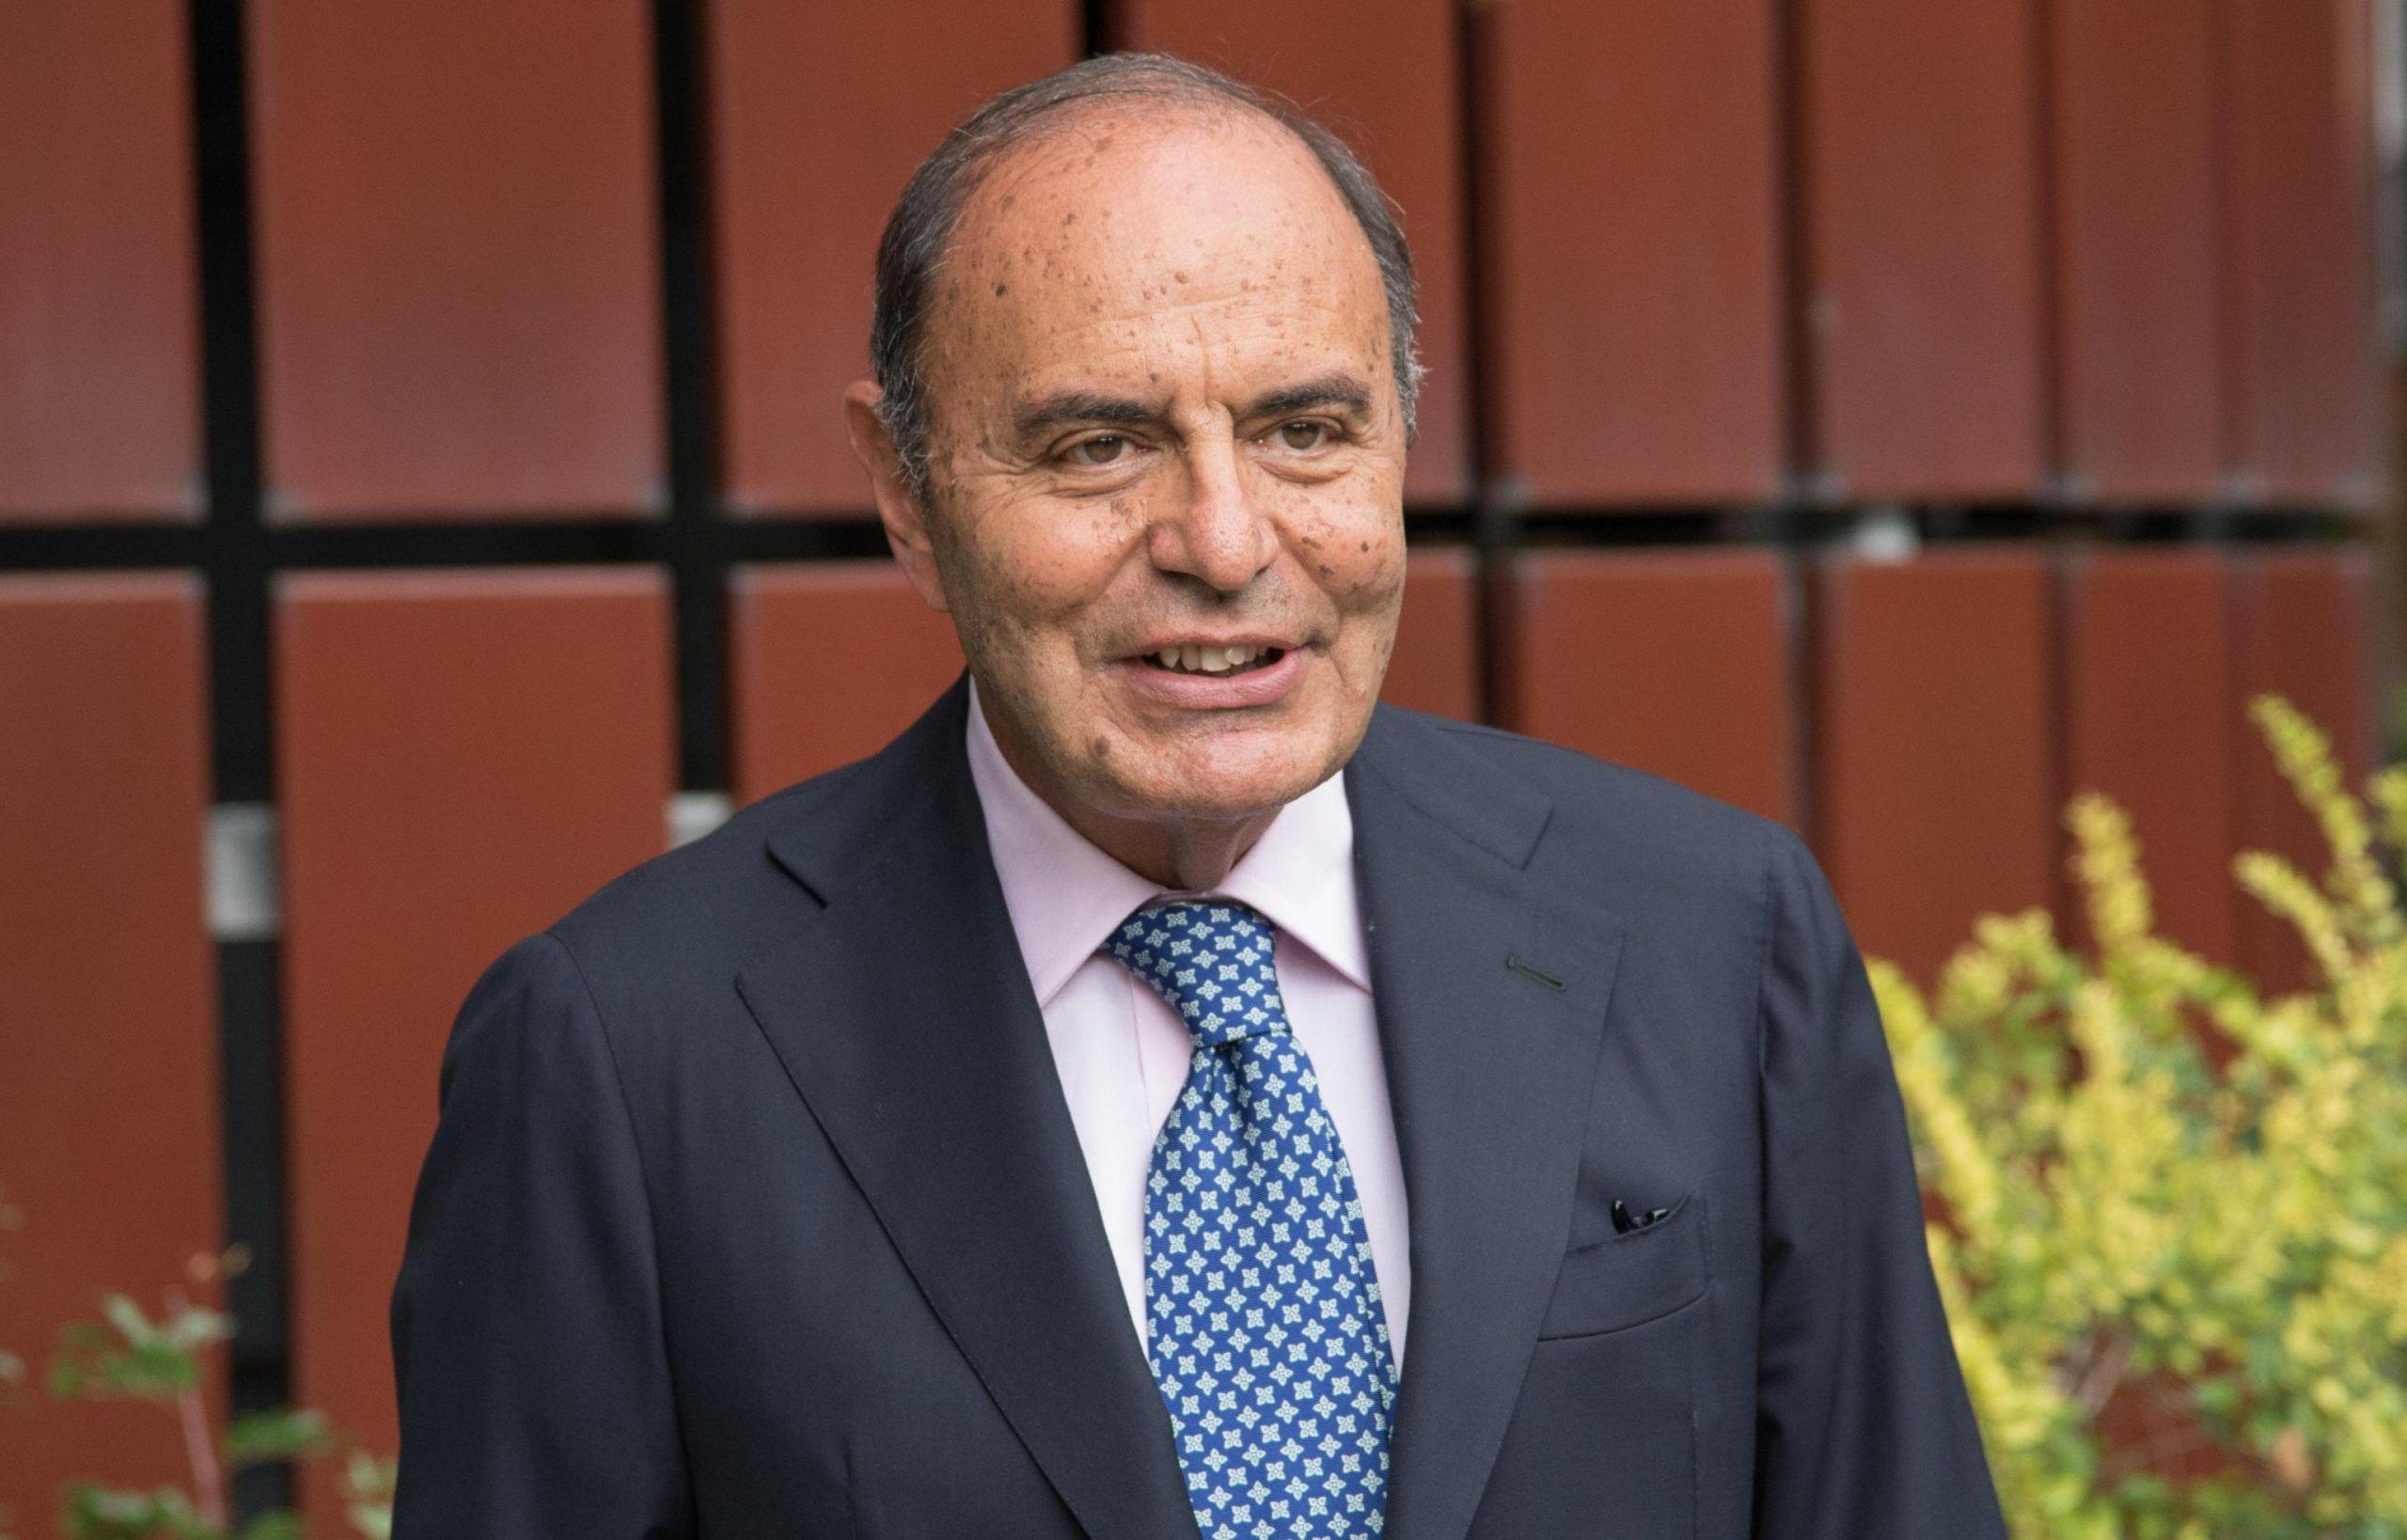 Bruno Vespa a Verissimo